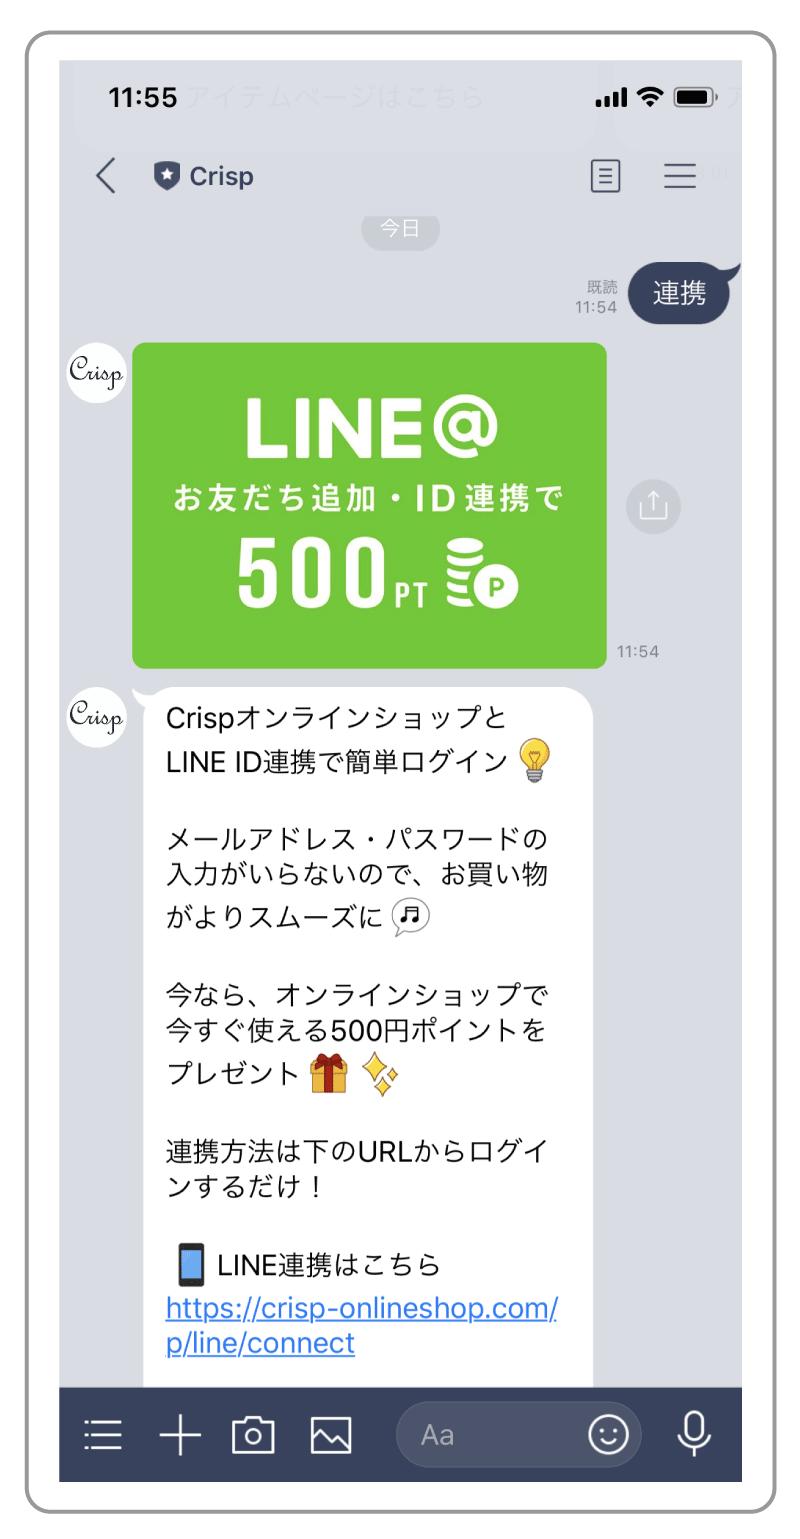 LINE IDと連携させる